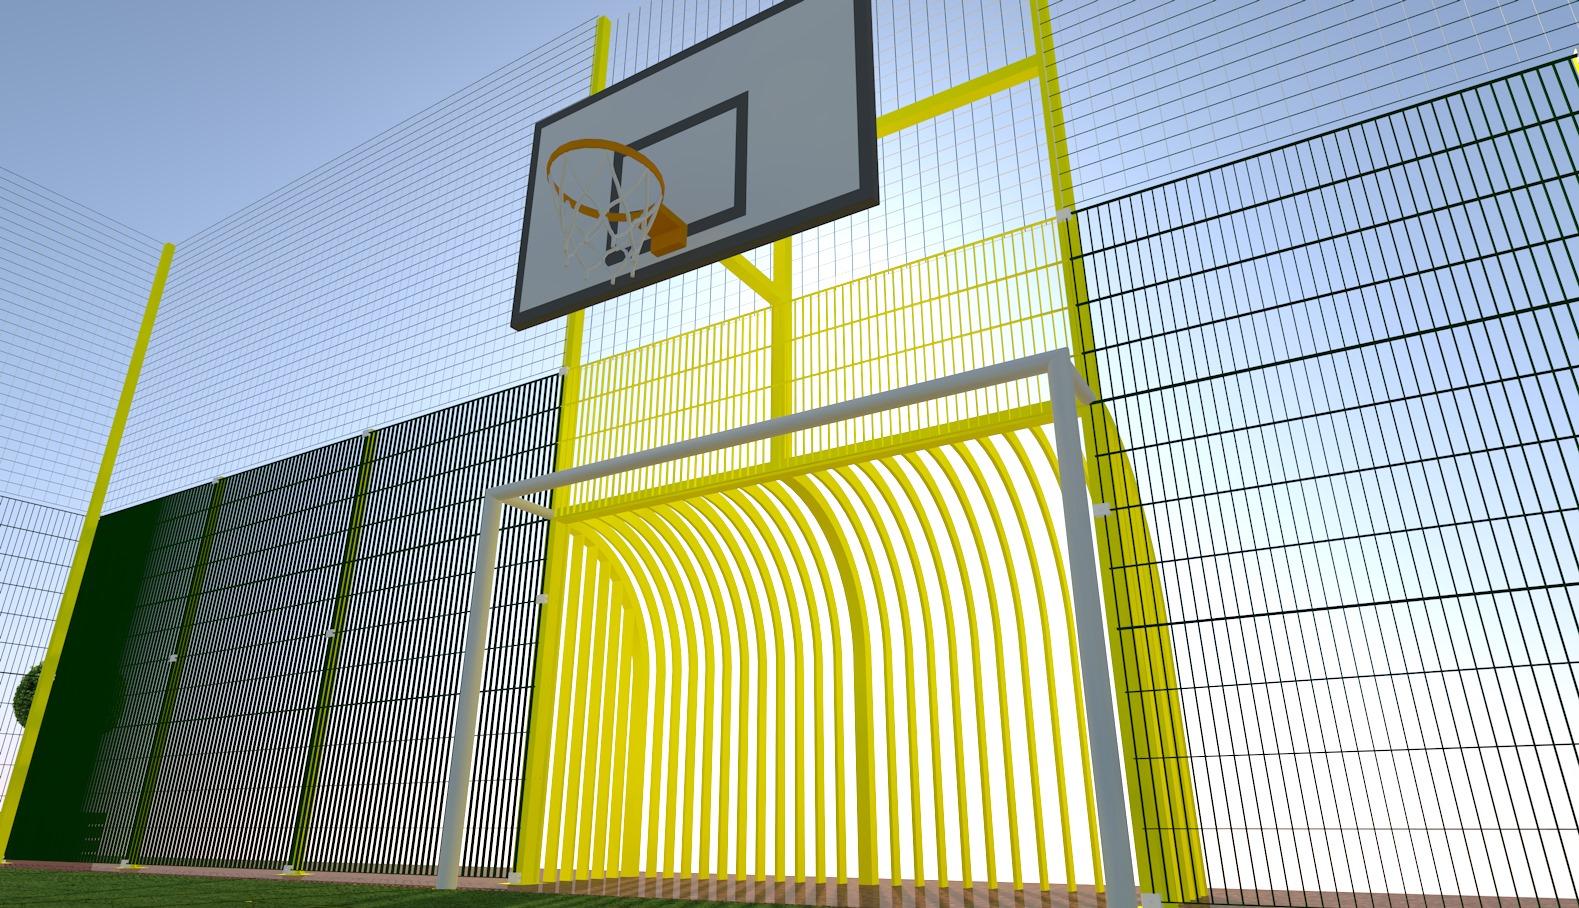 Ограждения спортивной площадки.pln15